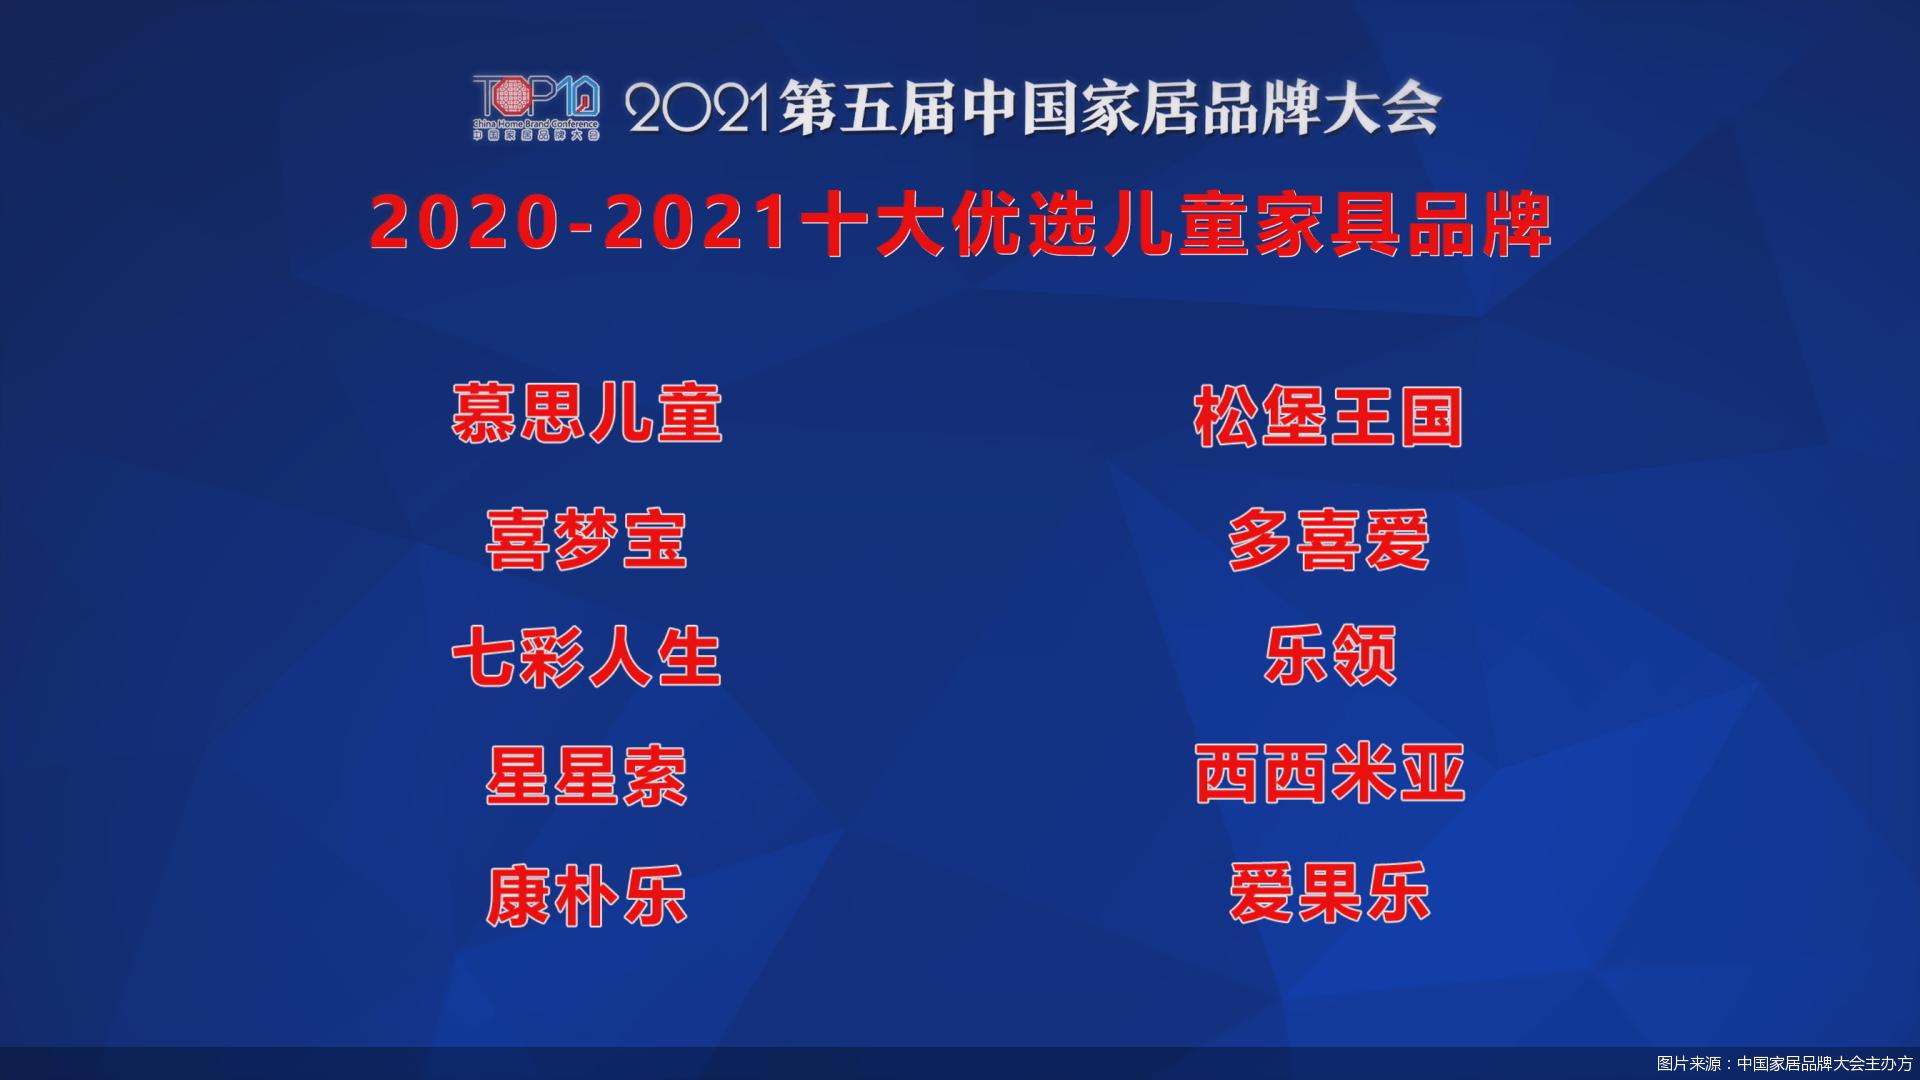 青少年家具品牌排行榜_2021第五届中国家居品牌大会公开发布2020-2021十大优选儿童家具品...